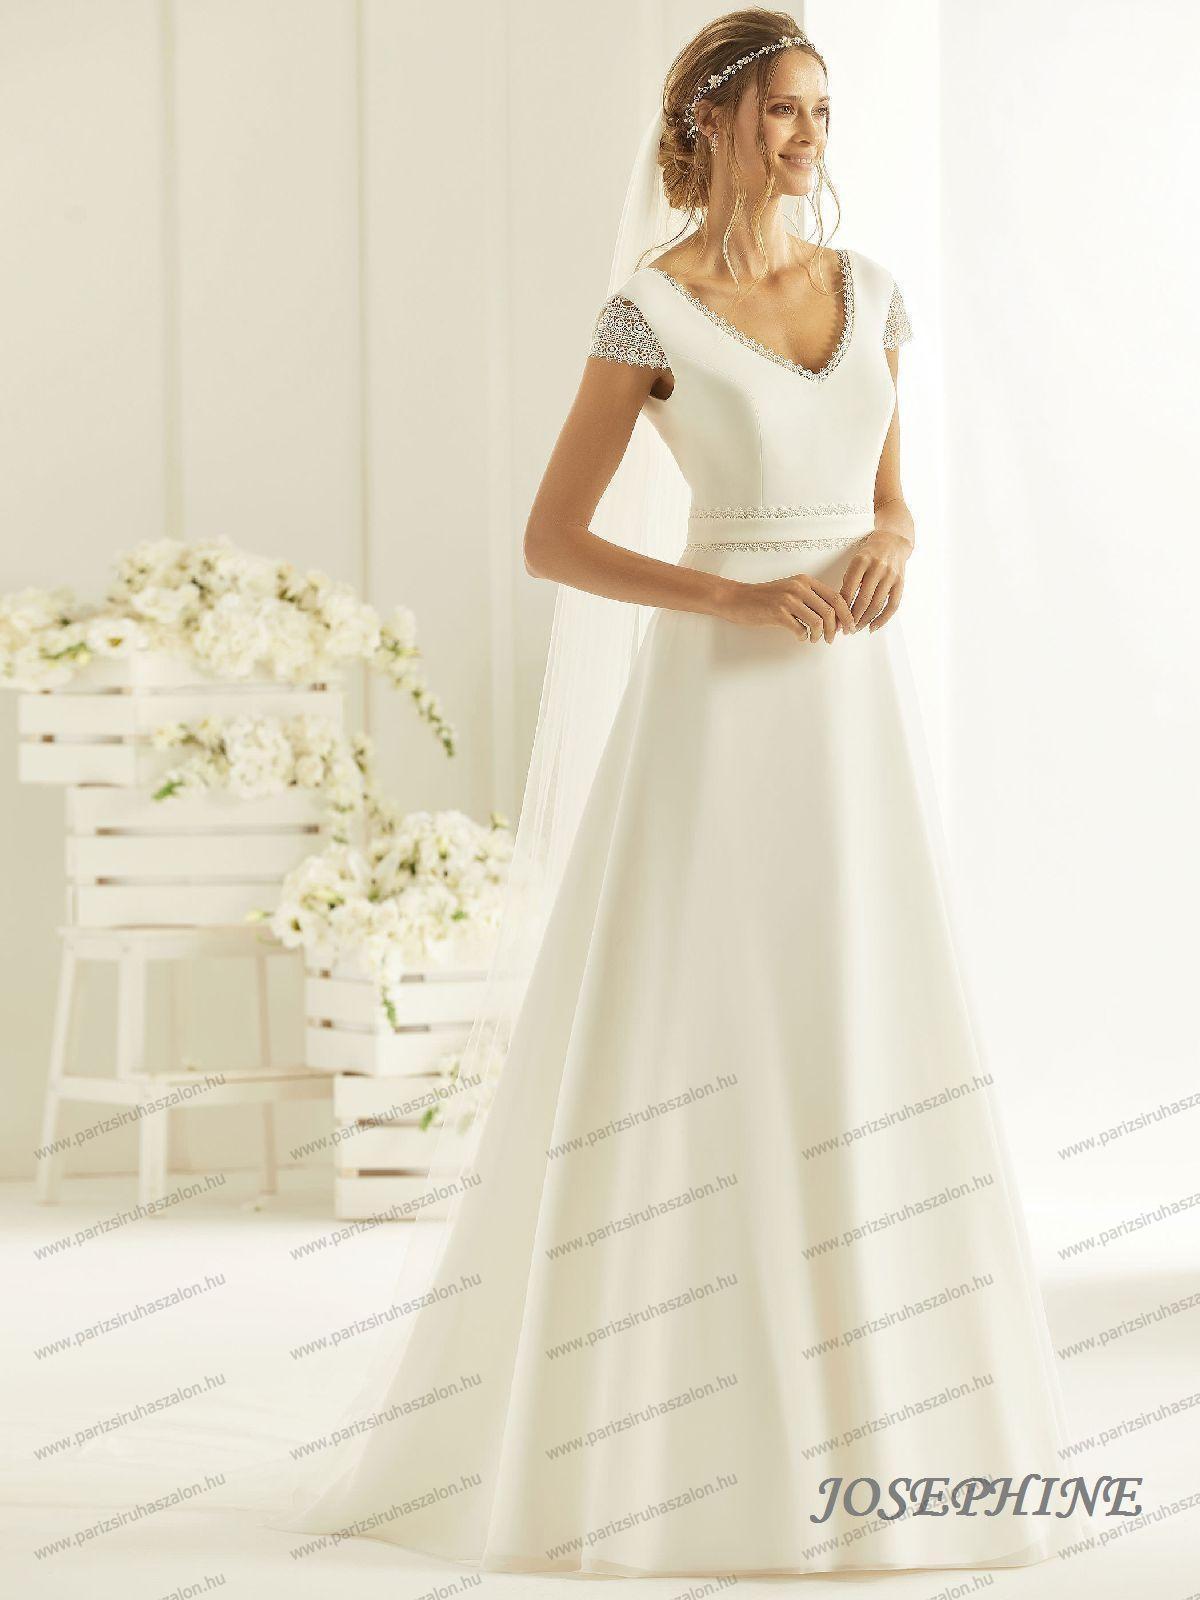 NATURA menyasszonyi ruha  e4e951edcb